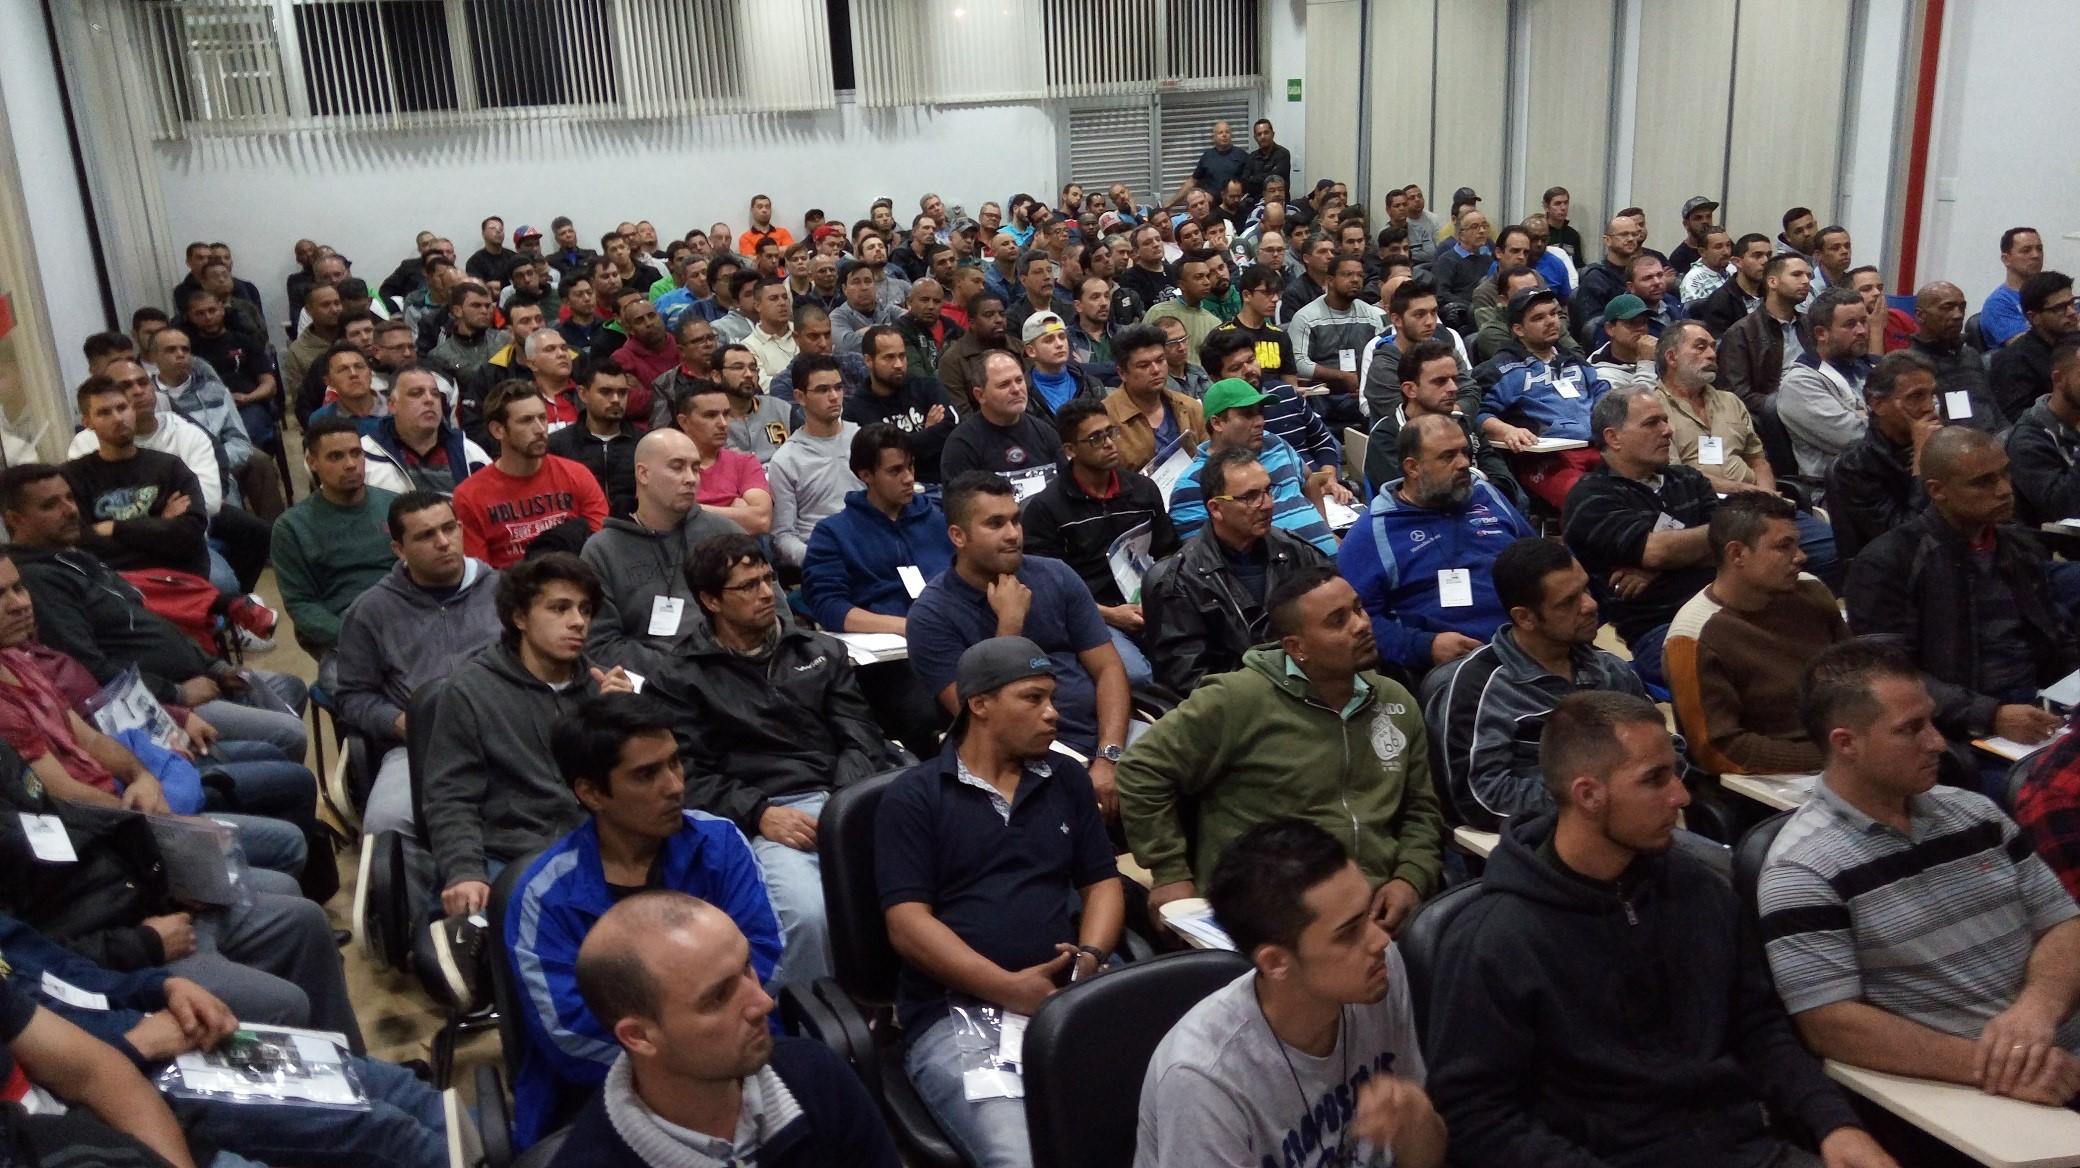 Suspensão é tema de palestra da Nakata em Maranhão e Tocantins em maio